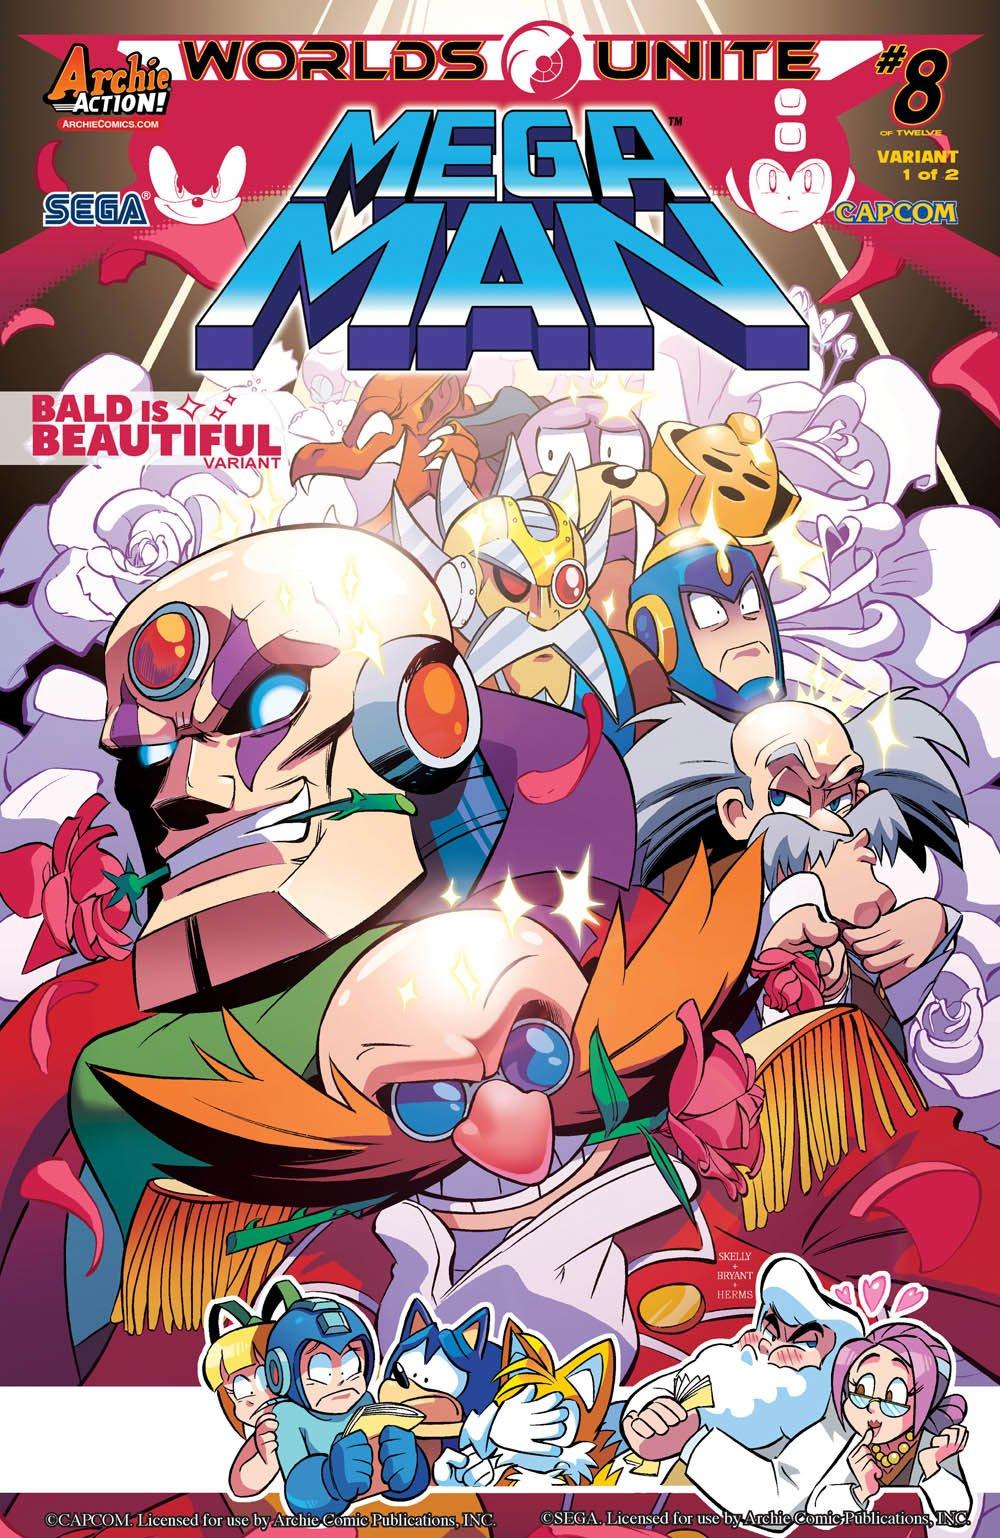 Mega Man 051 (September 2015) (variant 1)